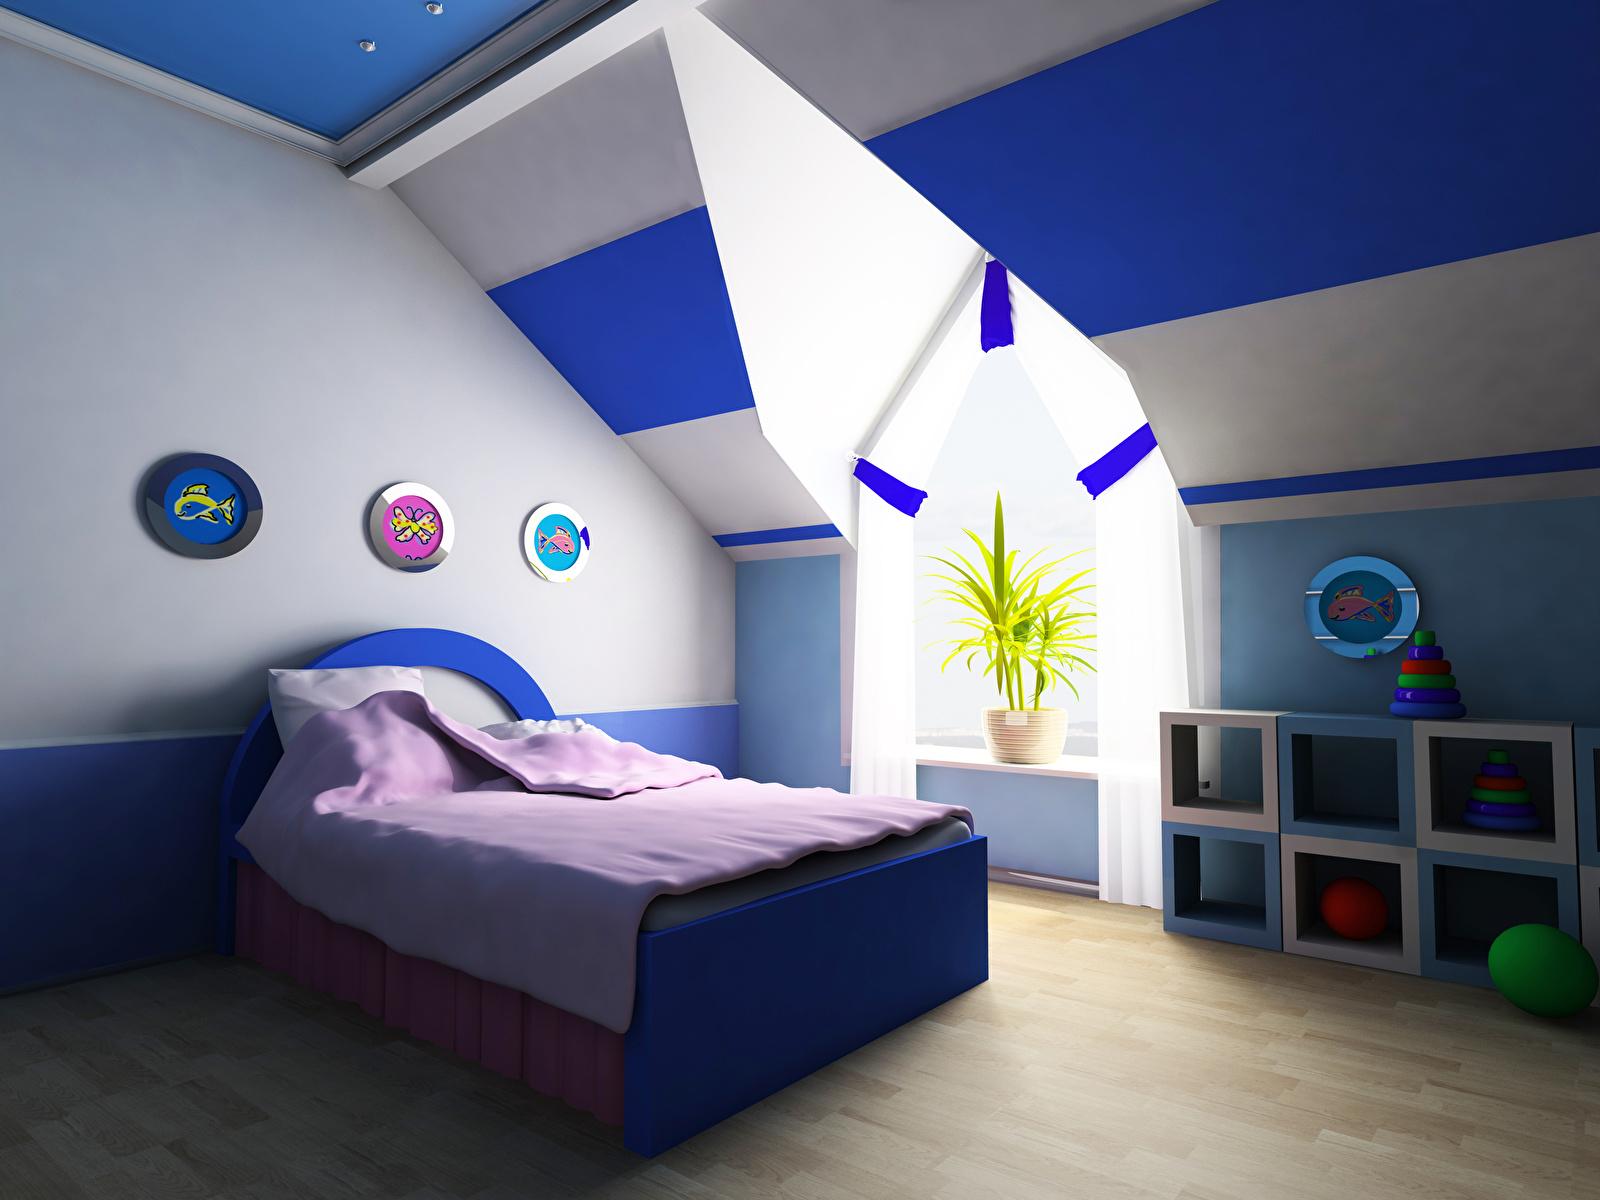 Картинки Детская комната 3D Графика Интерьер кровати Дизайн 1600x1200 3д кровате Кровать дизайна